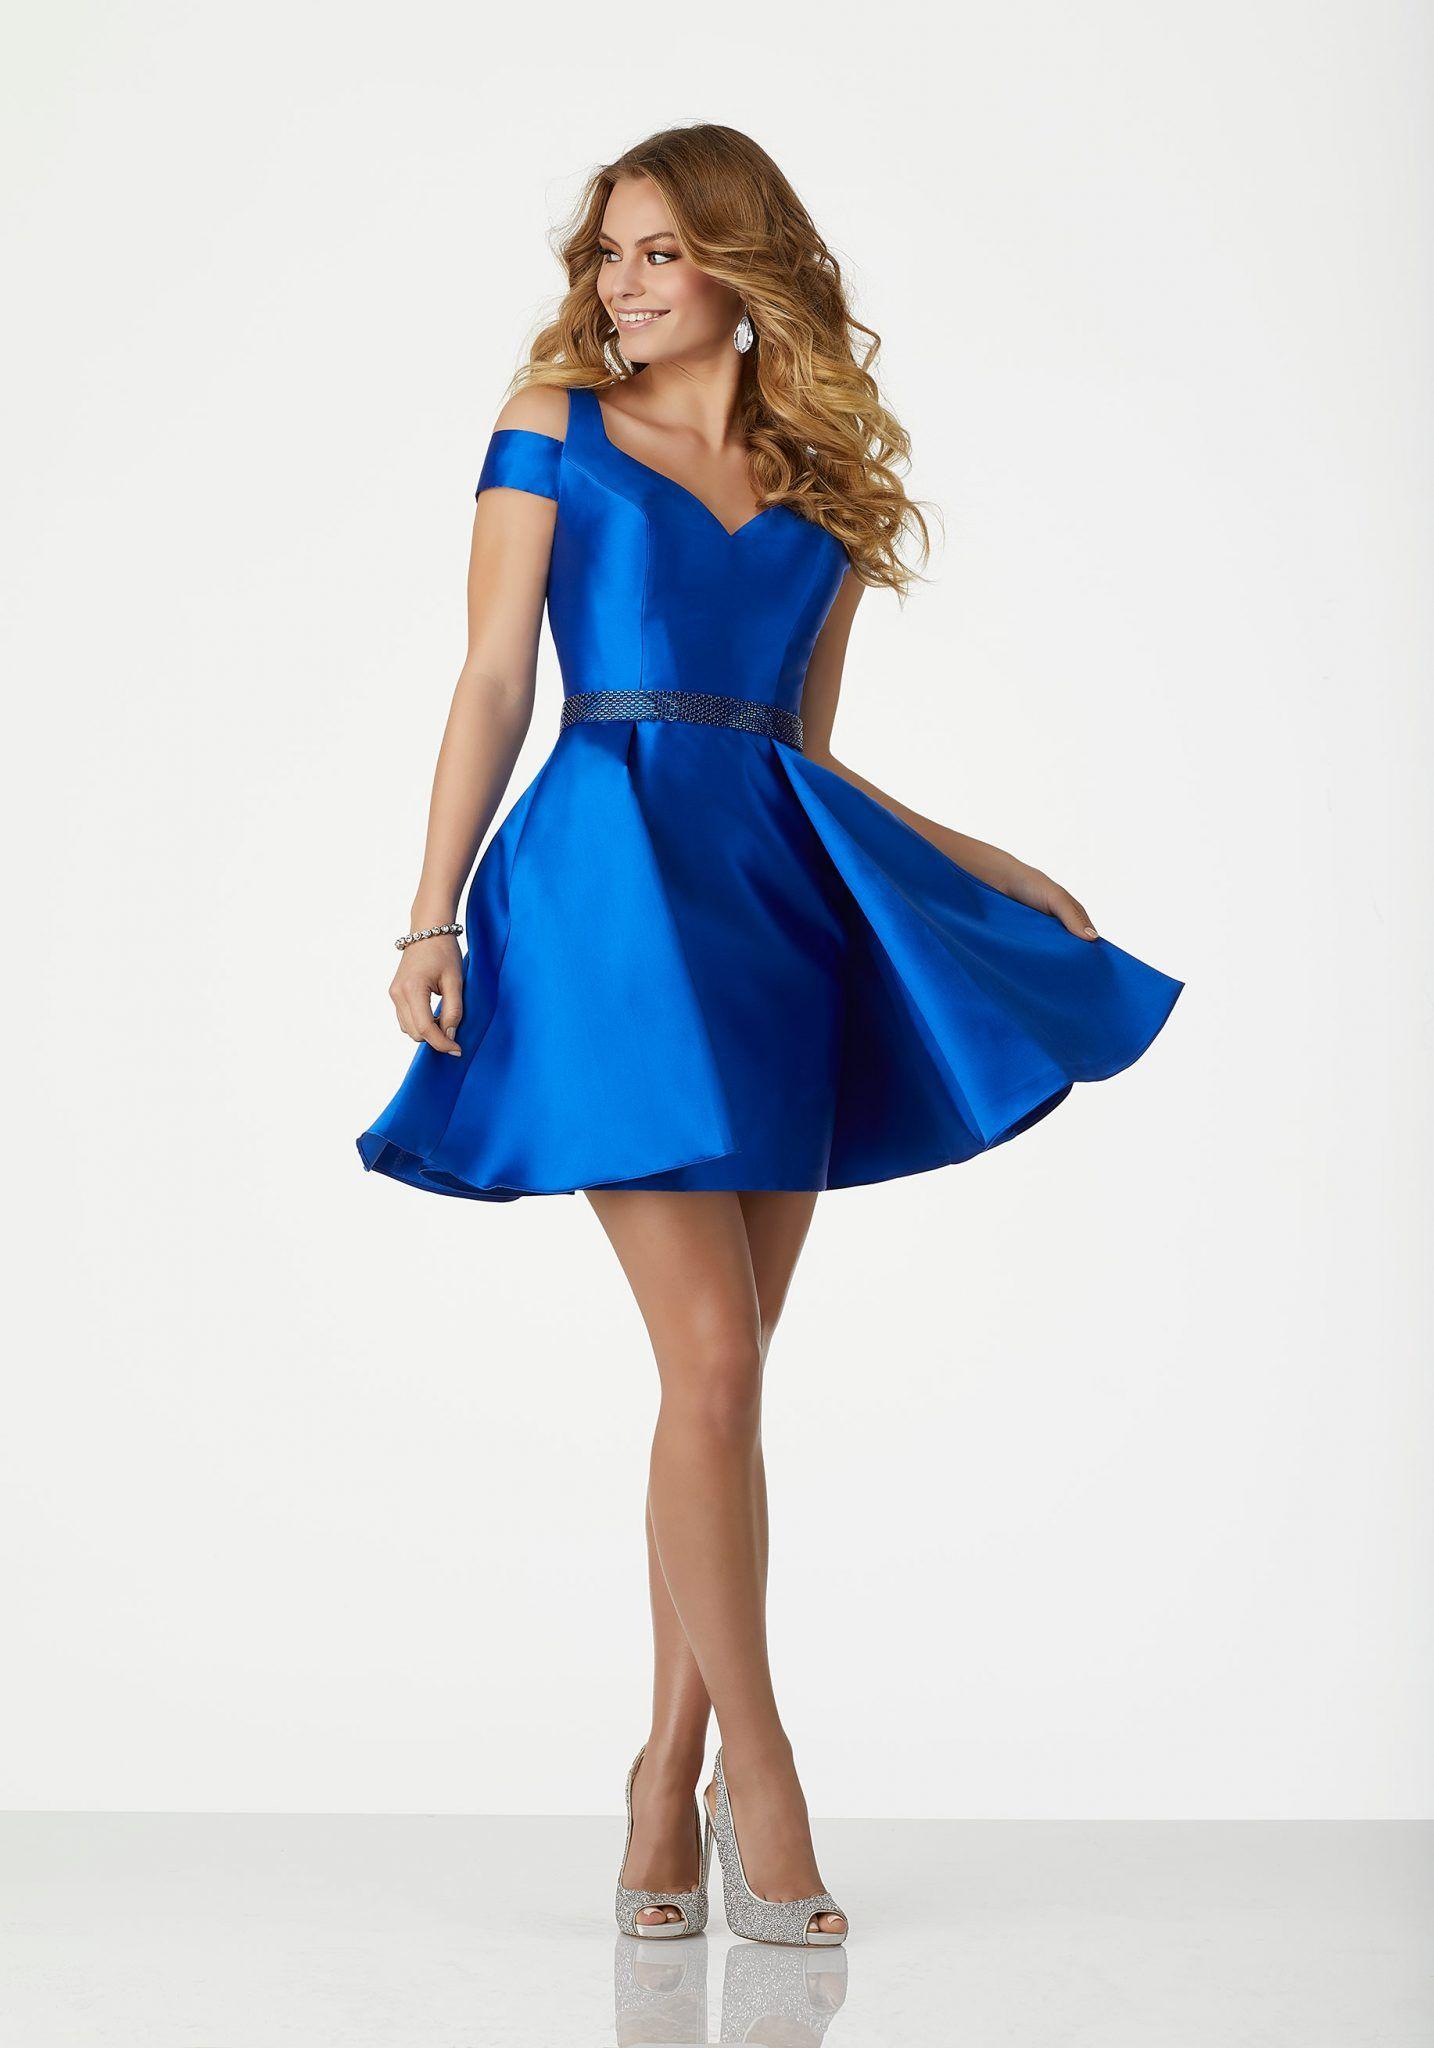 c0acc93d608d6 2018 Abiye Elbise Kısa Abiye Modelleri Saks Mavi Omuzlar Açık Saten Beli  Boncuk Kemerli